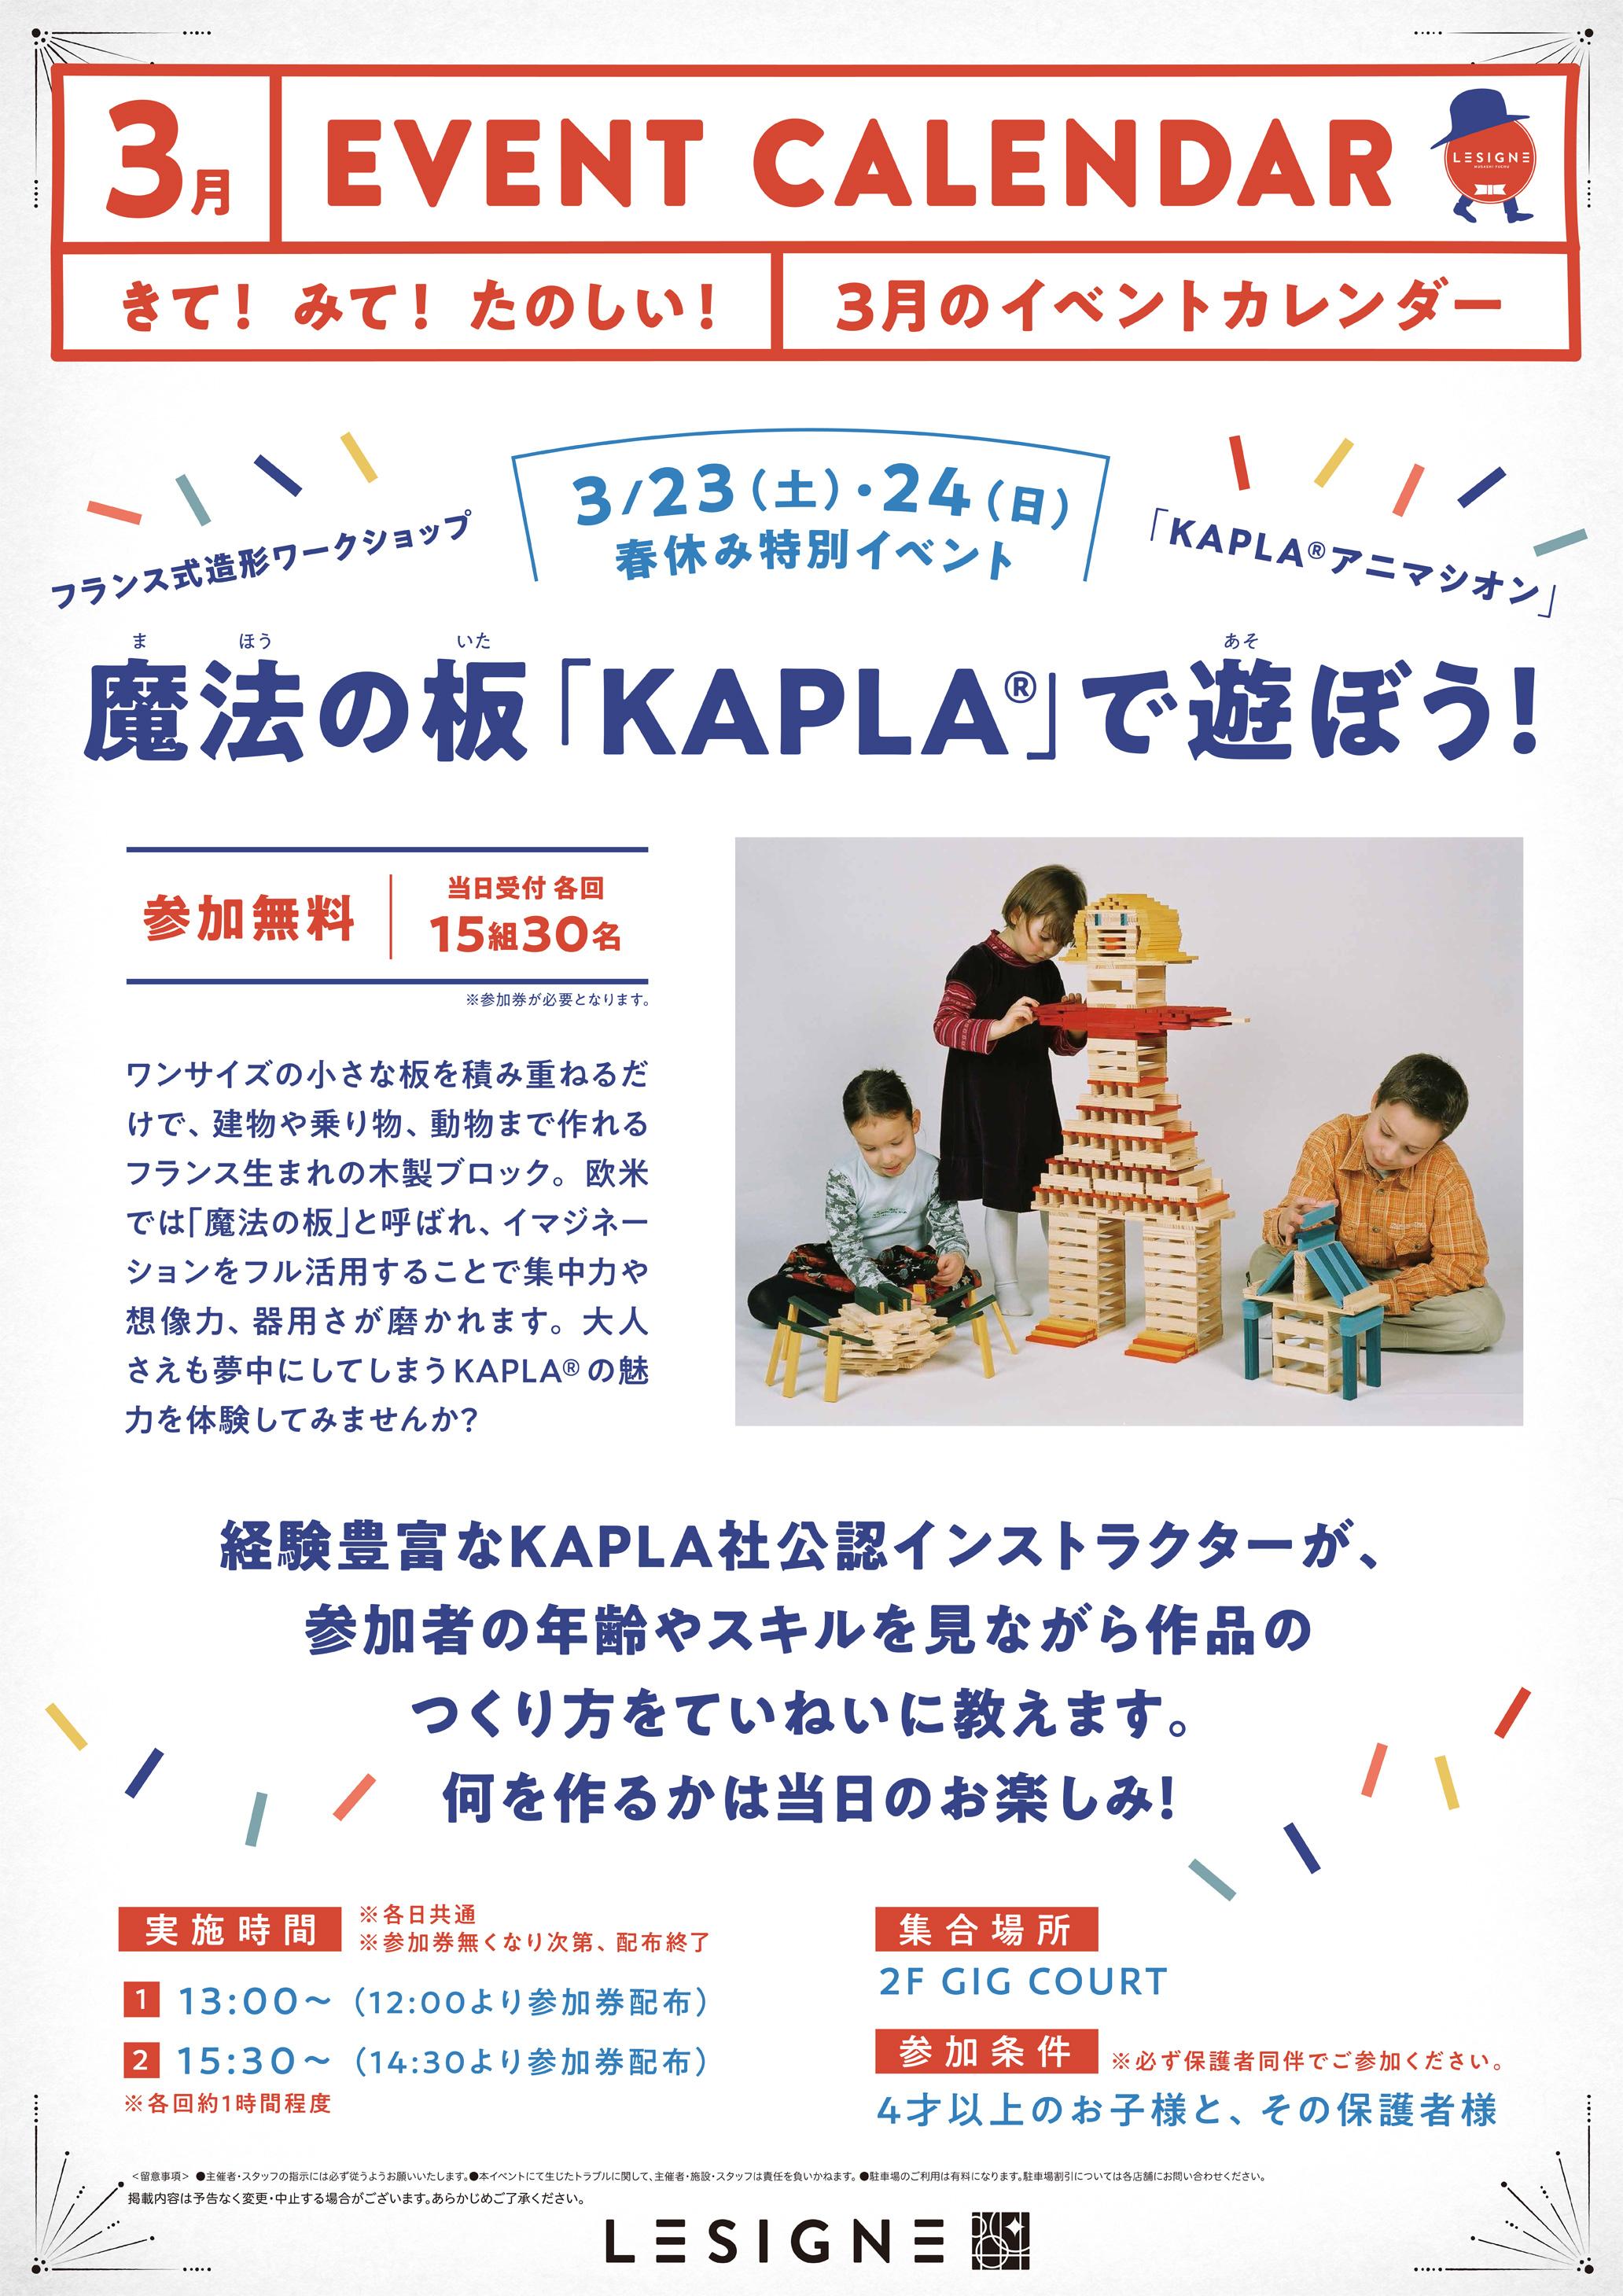 2019年3月23・24日イベント「魔法の板「KAPLA」で遊ぼう!」